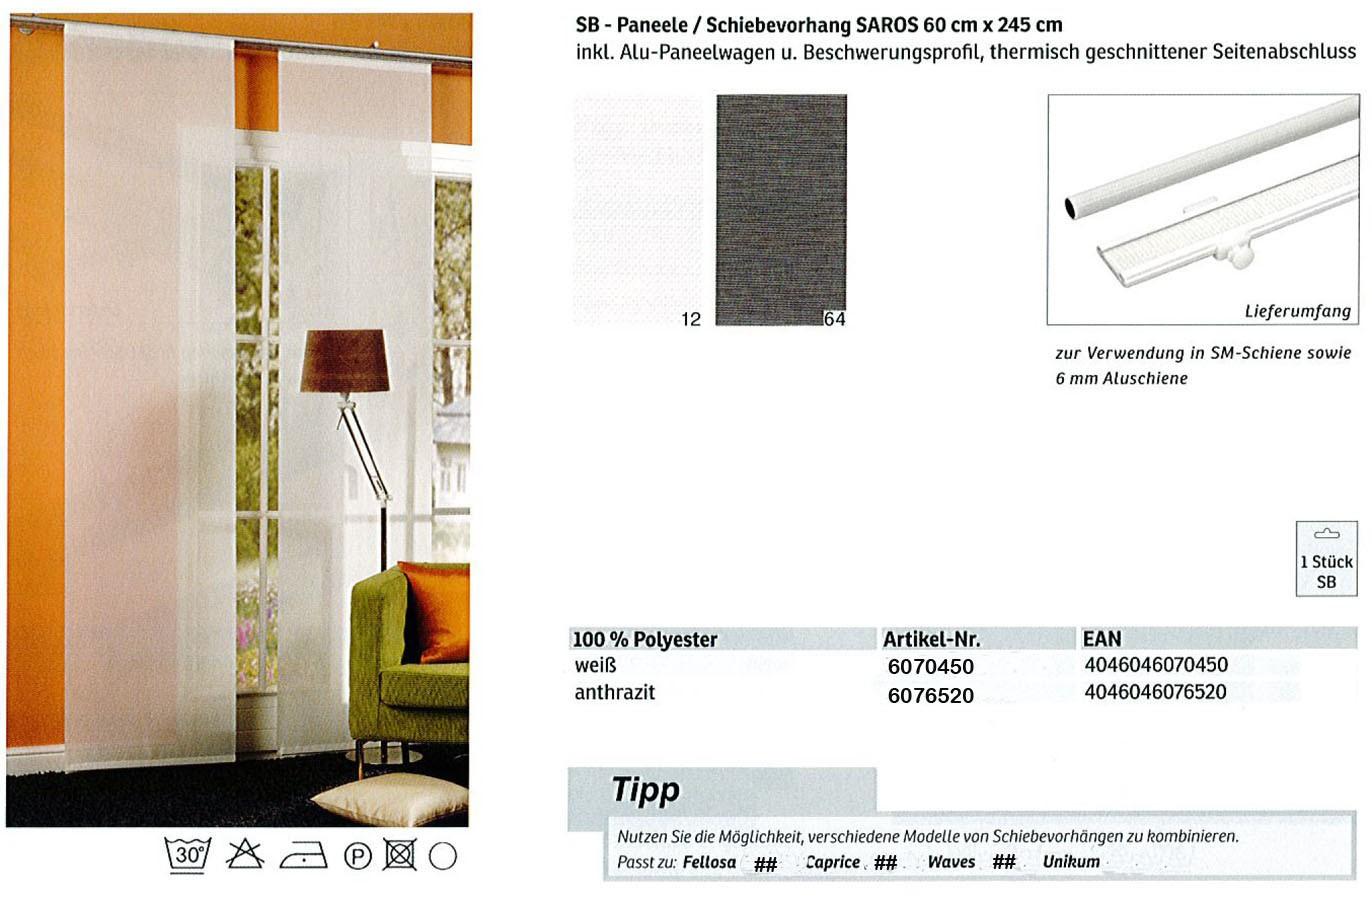 Schiebevorhang Saros weiß 60x245 cm